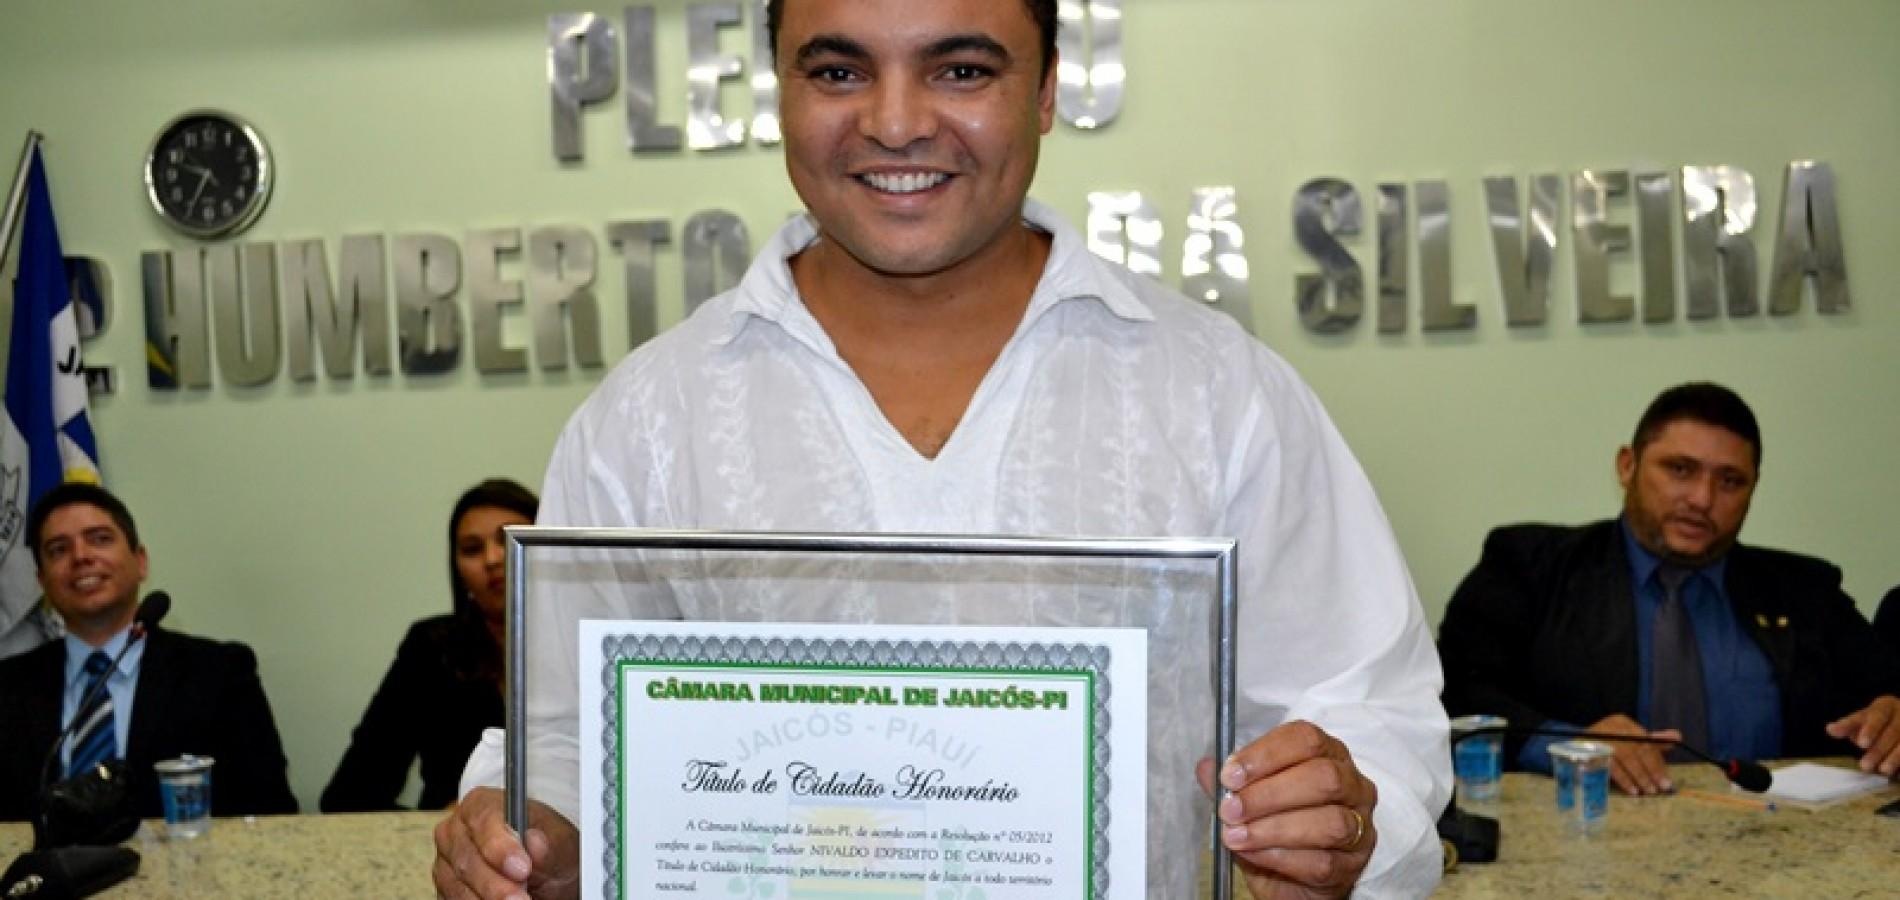 Chambinho do Acordeon é homenageado com o Título de Cidadão Honorário de Jaicós